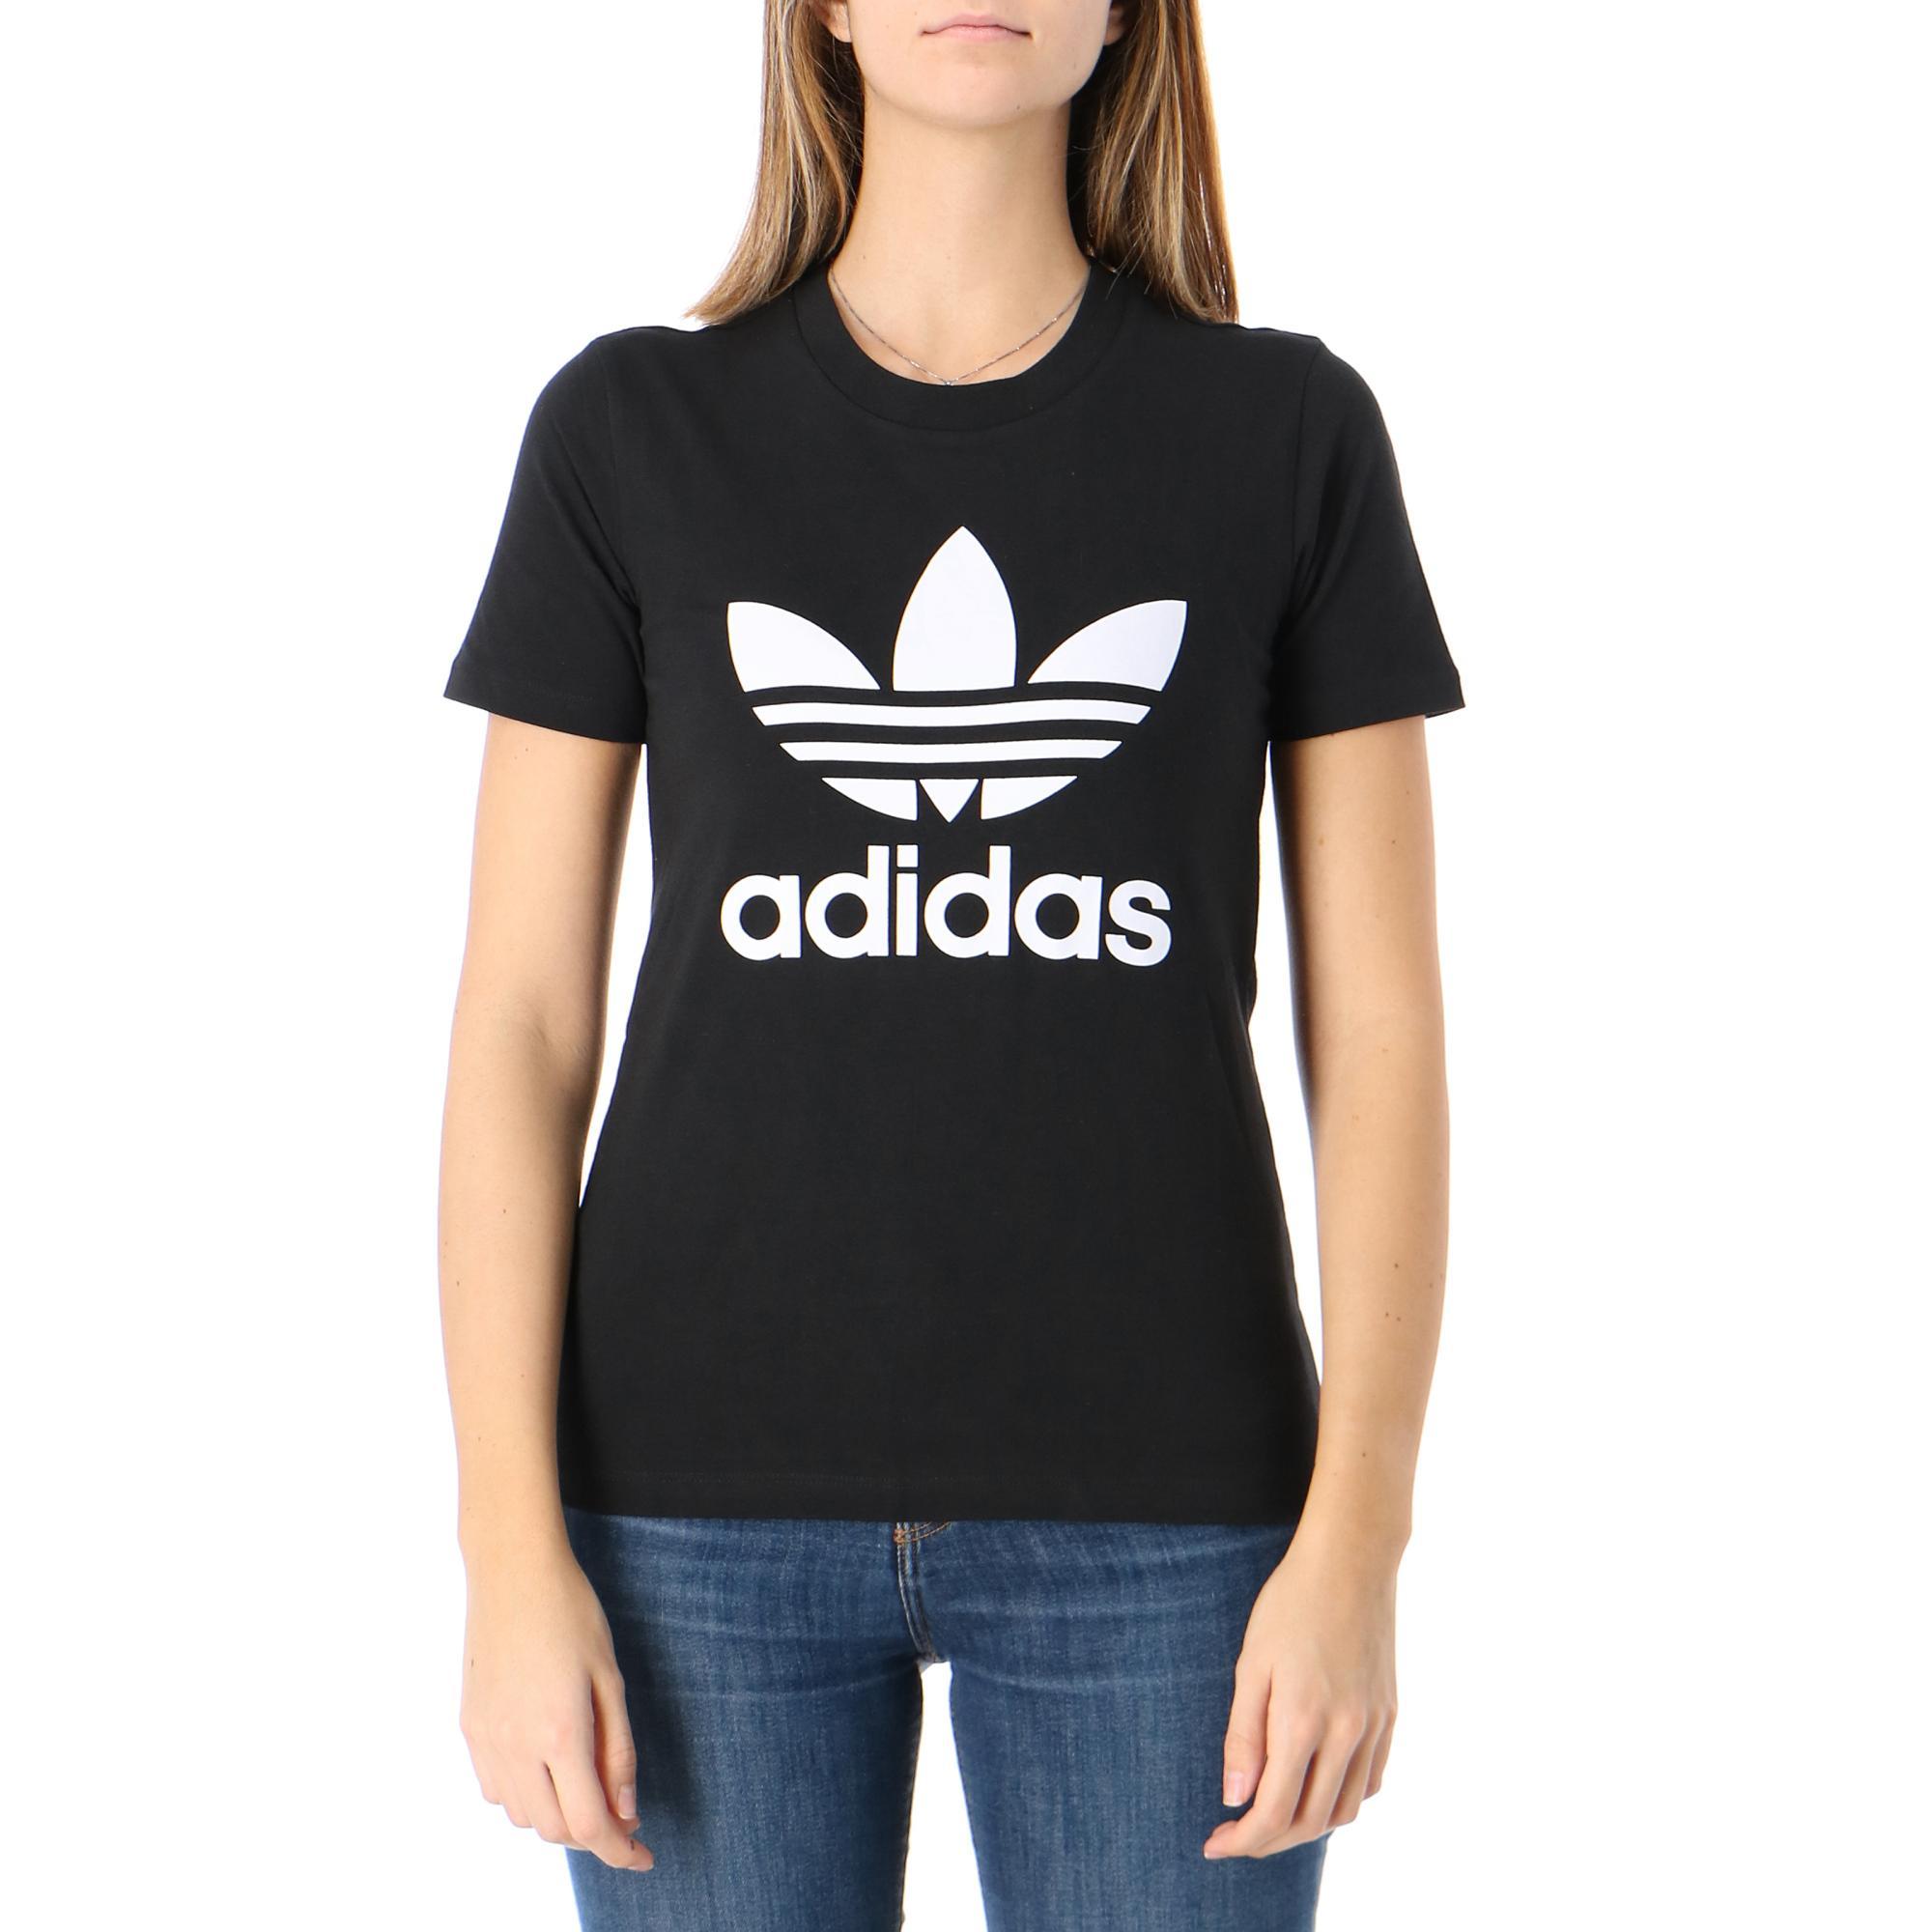 Adidas Trefoil Tee Black white